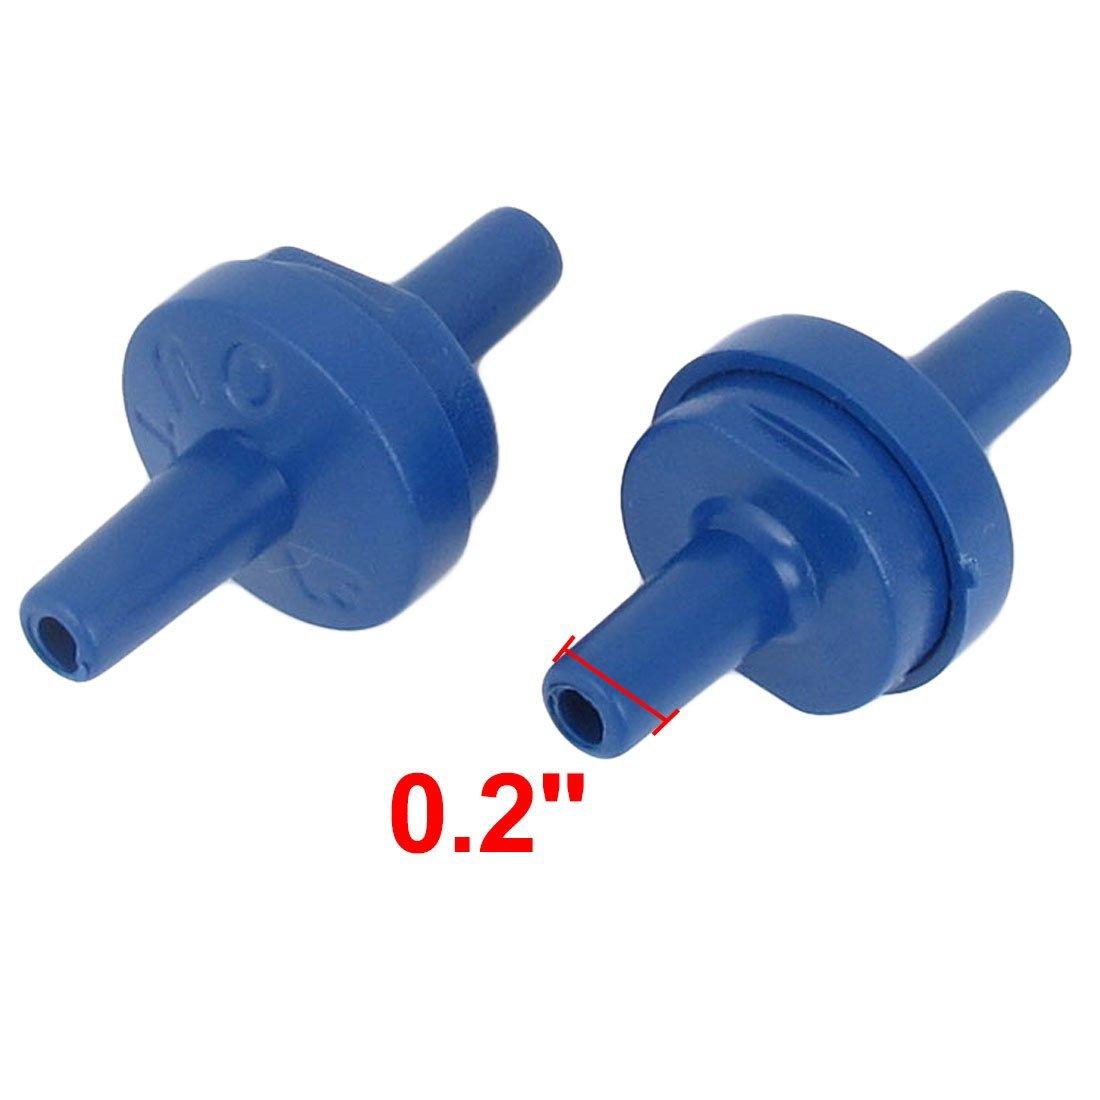 Amazon.com : eDealMax 7 pieza de plástico acuario Bomba de aire No retorno unidireccional de válvulas de retención, Azul : Pet Supplies